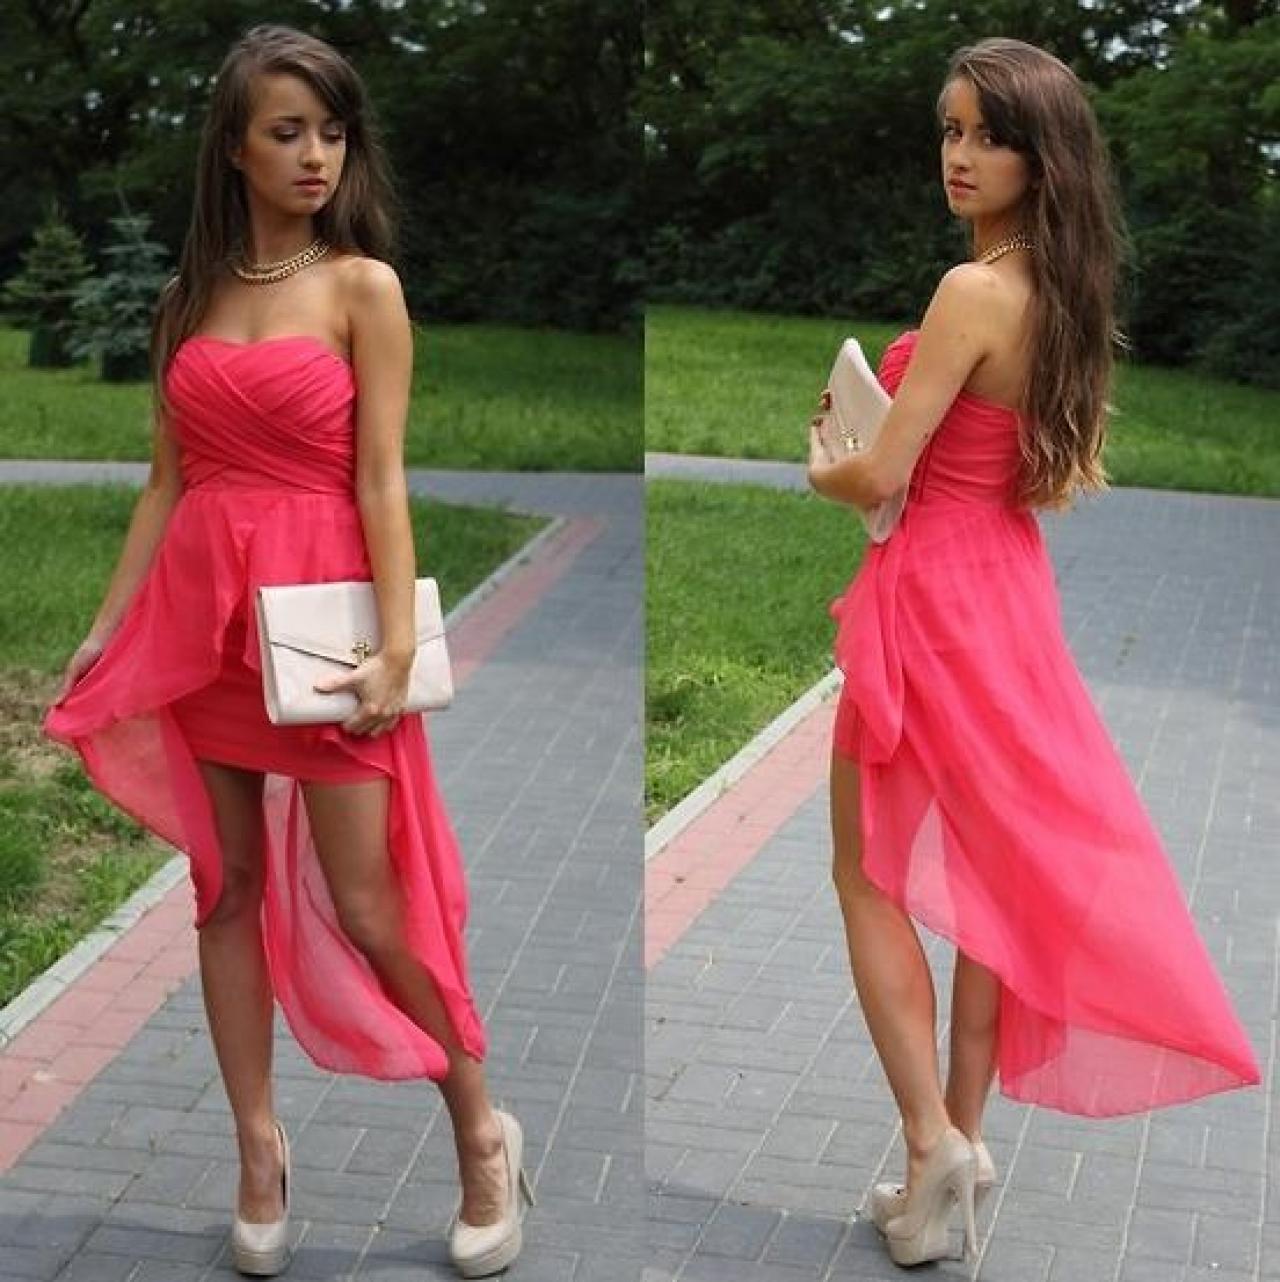 ecf8c627841 Vestidos asimétricos proponen un nuevo largo en la moda | Lifestyle ...